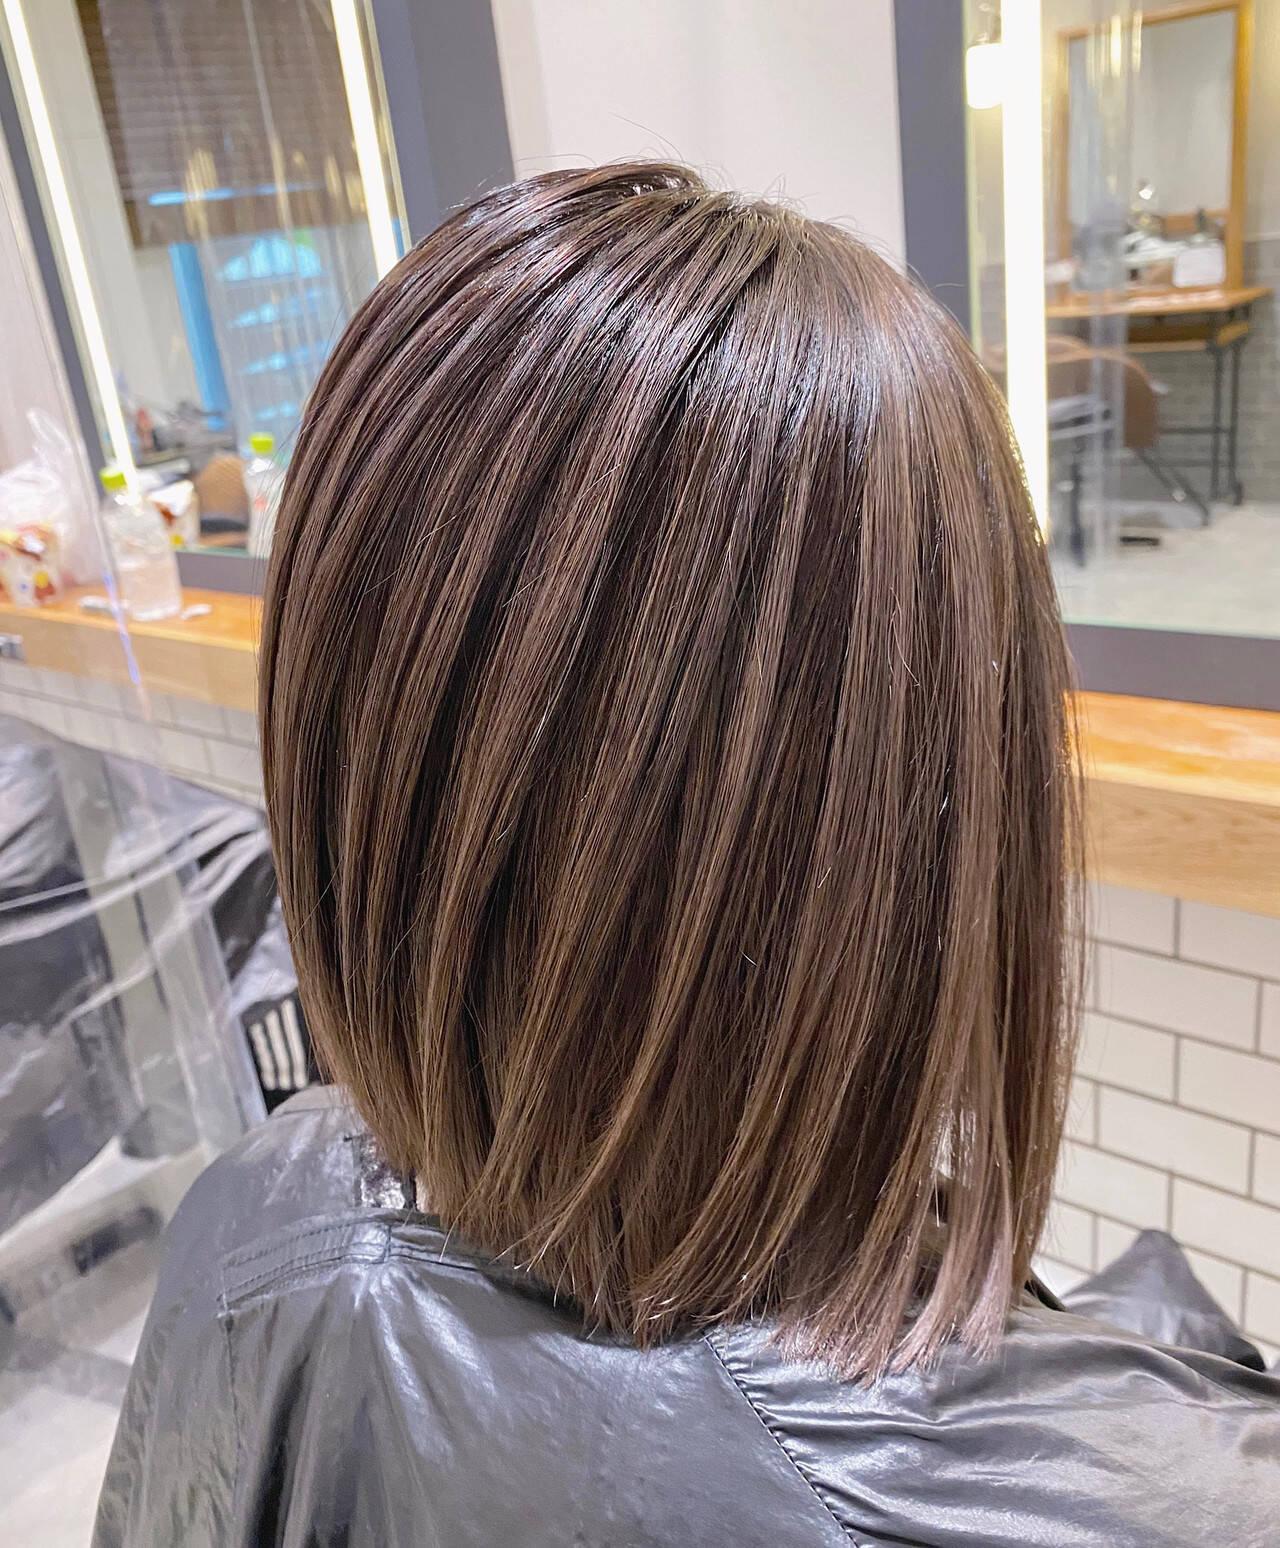 コントラストハイライト ボブ ブリーチ ブリーチカラーヘアスタイルや髪型の写真・画像